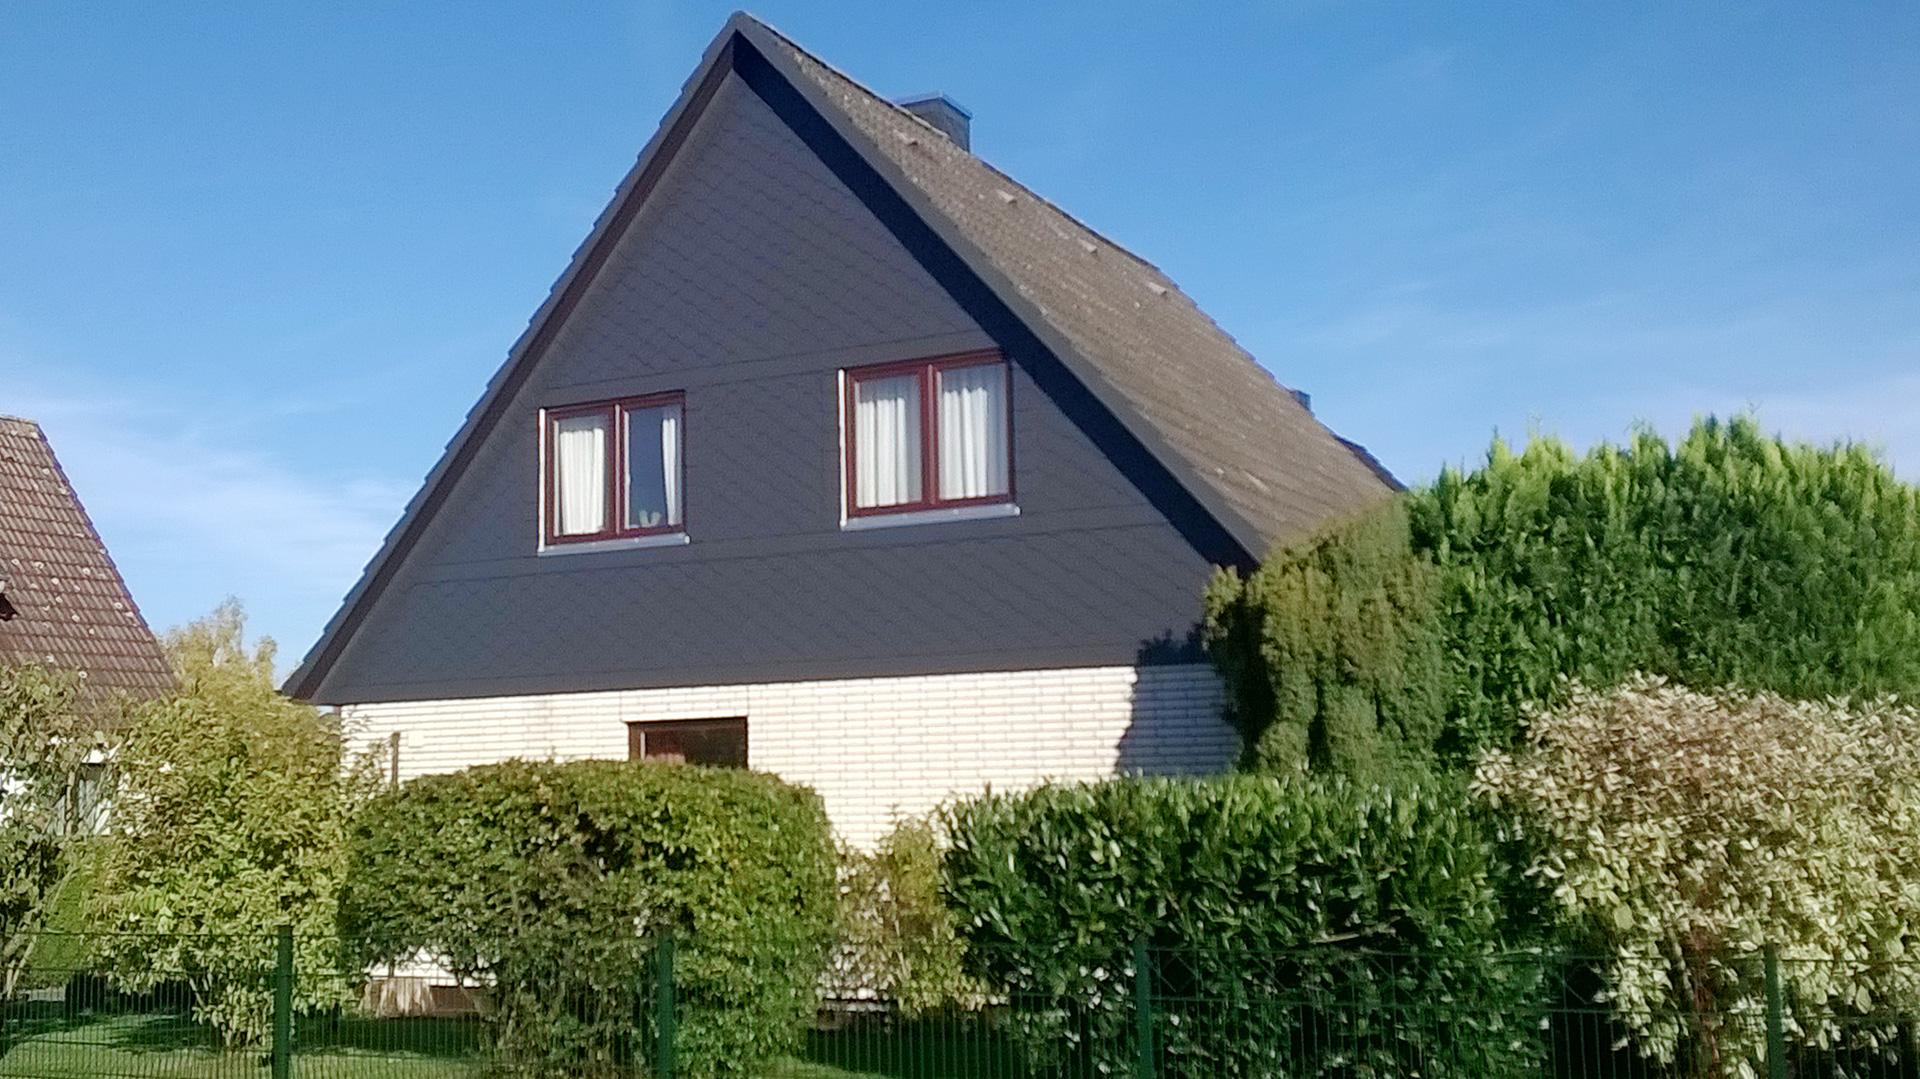 giebelverkleidung mit faserzement platten dachdeckerei yarus dach. Black Bedroom Furniture Sets. Home Design Ideas